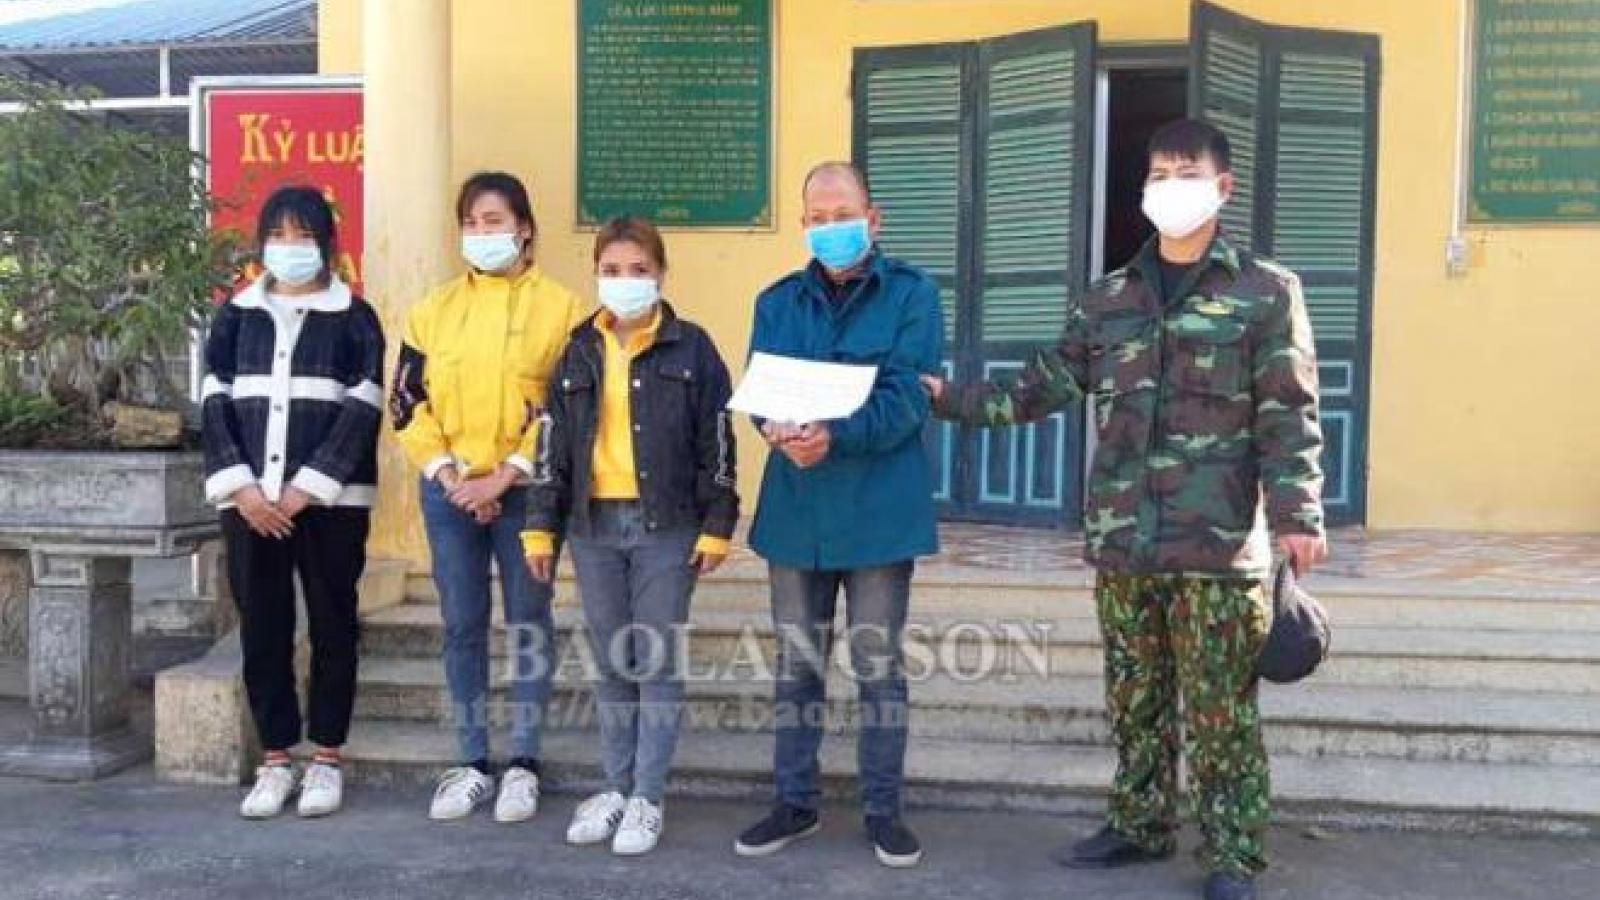 Bắt giữ kẻ đưa 3 người nhập cảnh trái phép từ Trung Quốc vào Việt Nam